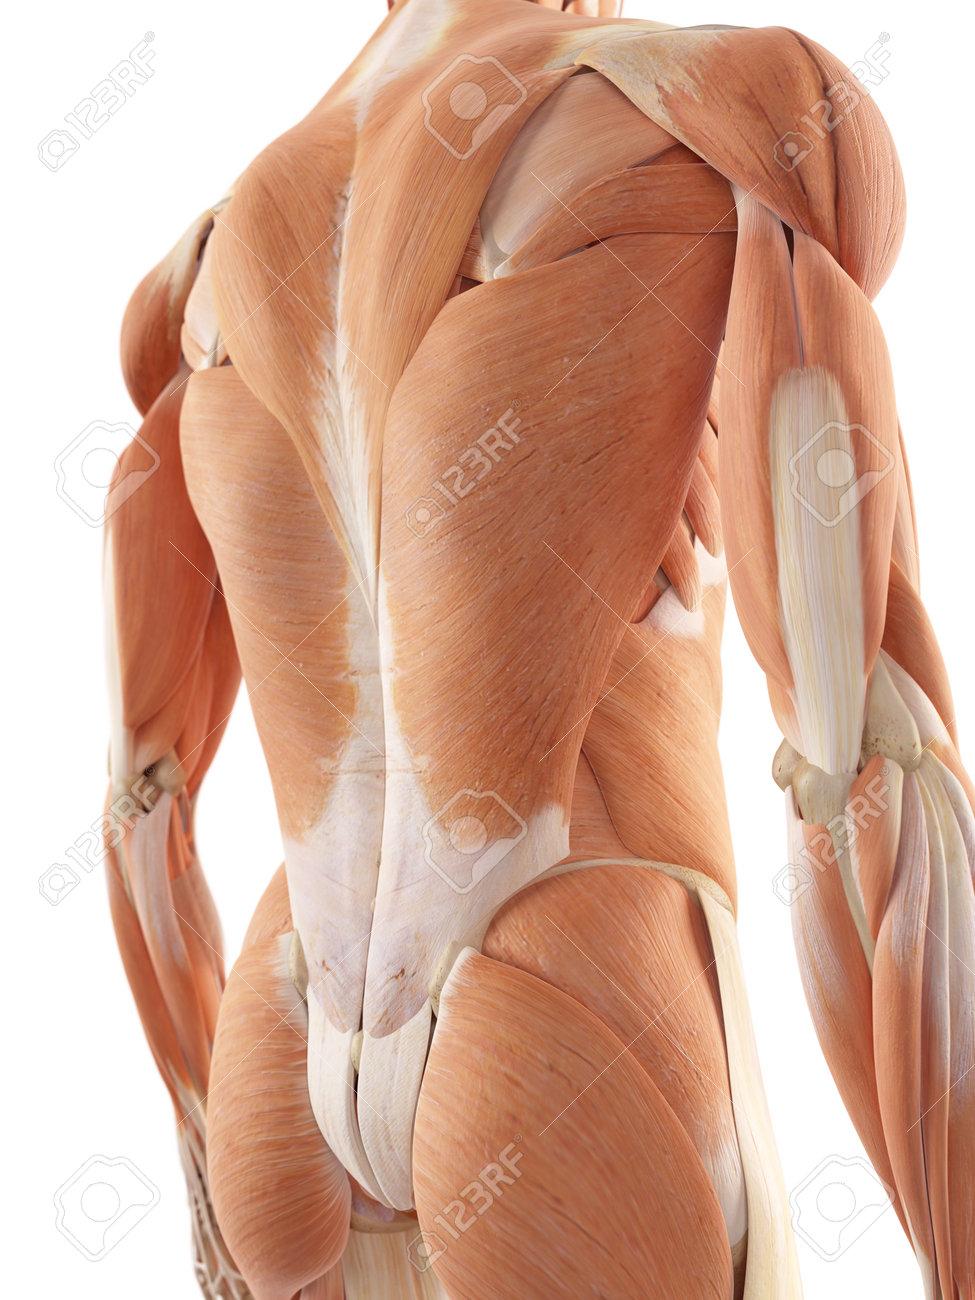 Ilustración Médica Precisa De Los Músculos De La Espalda Fotos ...